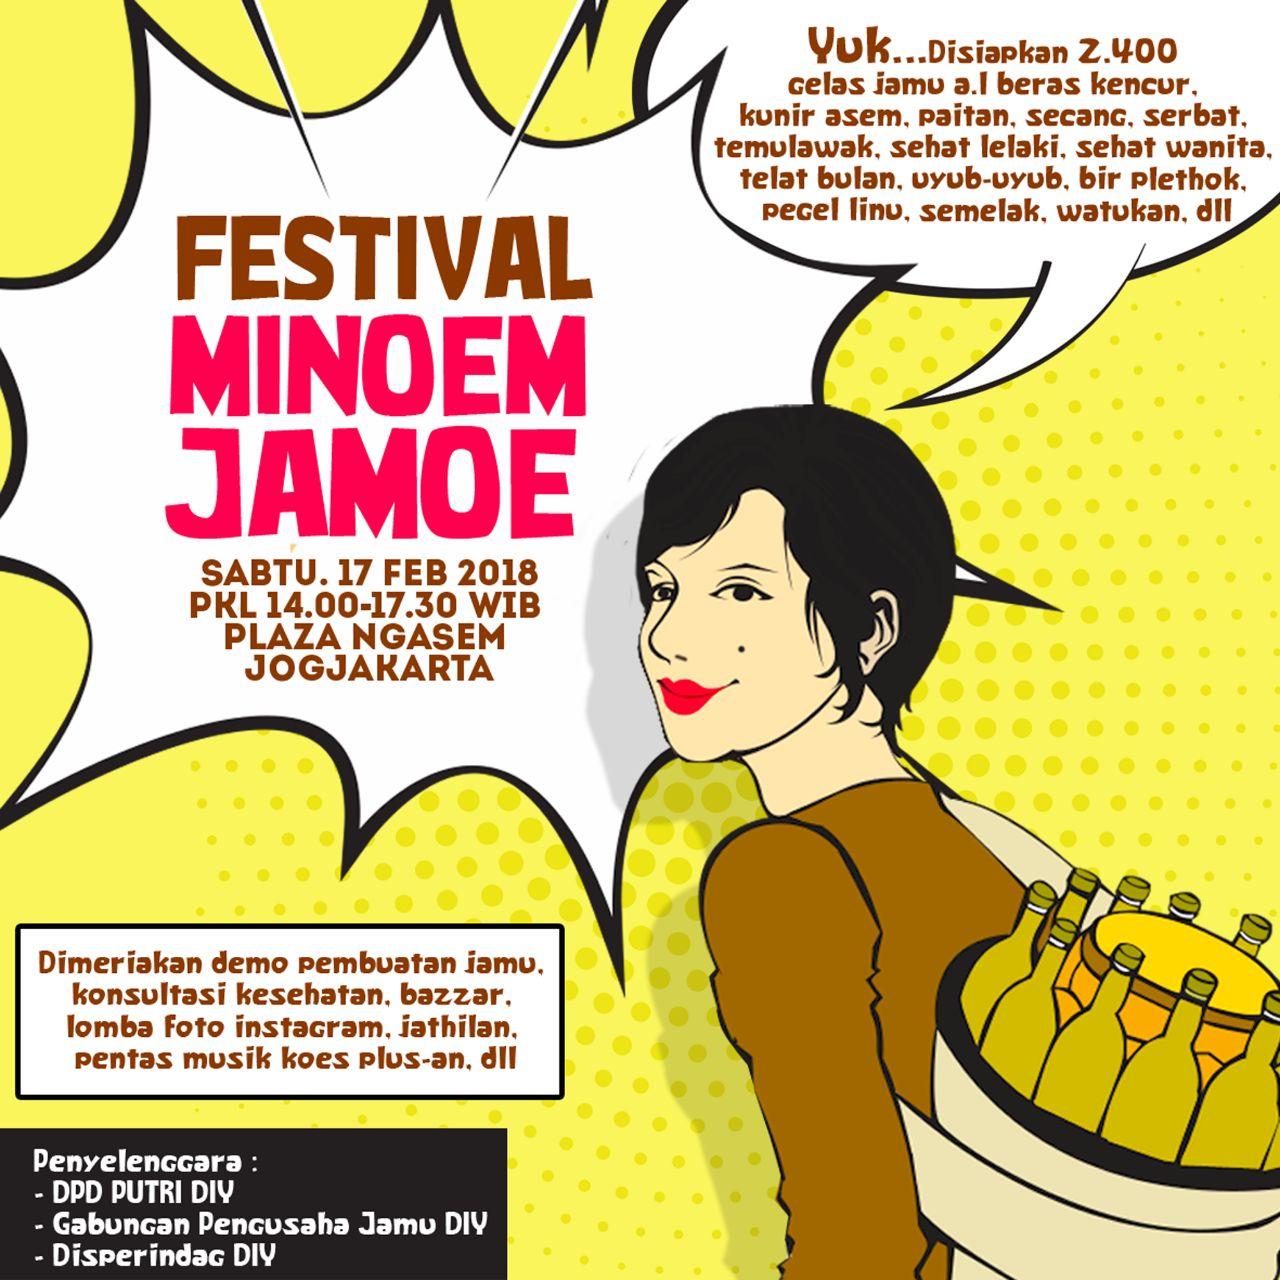 Festival Minum Jamu 2018 Bakal di Jogja dimeriahkan Sido Muncul dan Mikha Tambayong